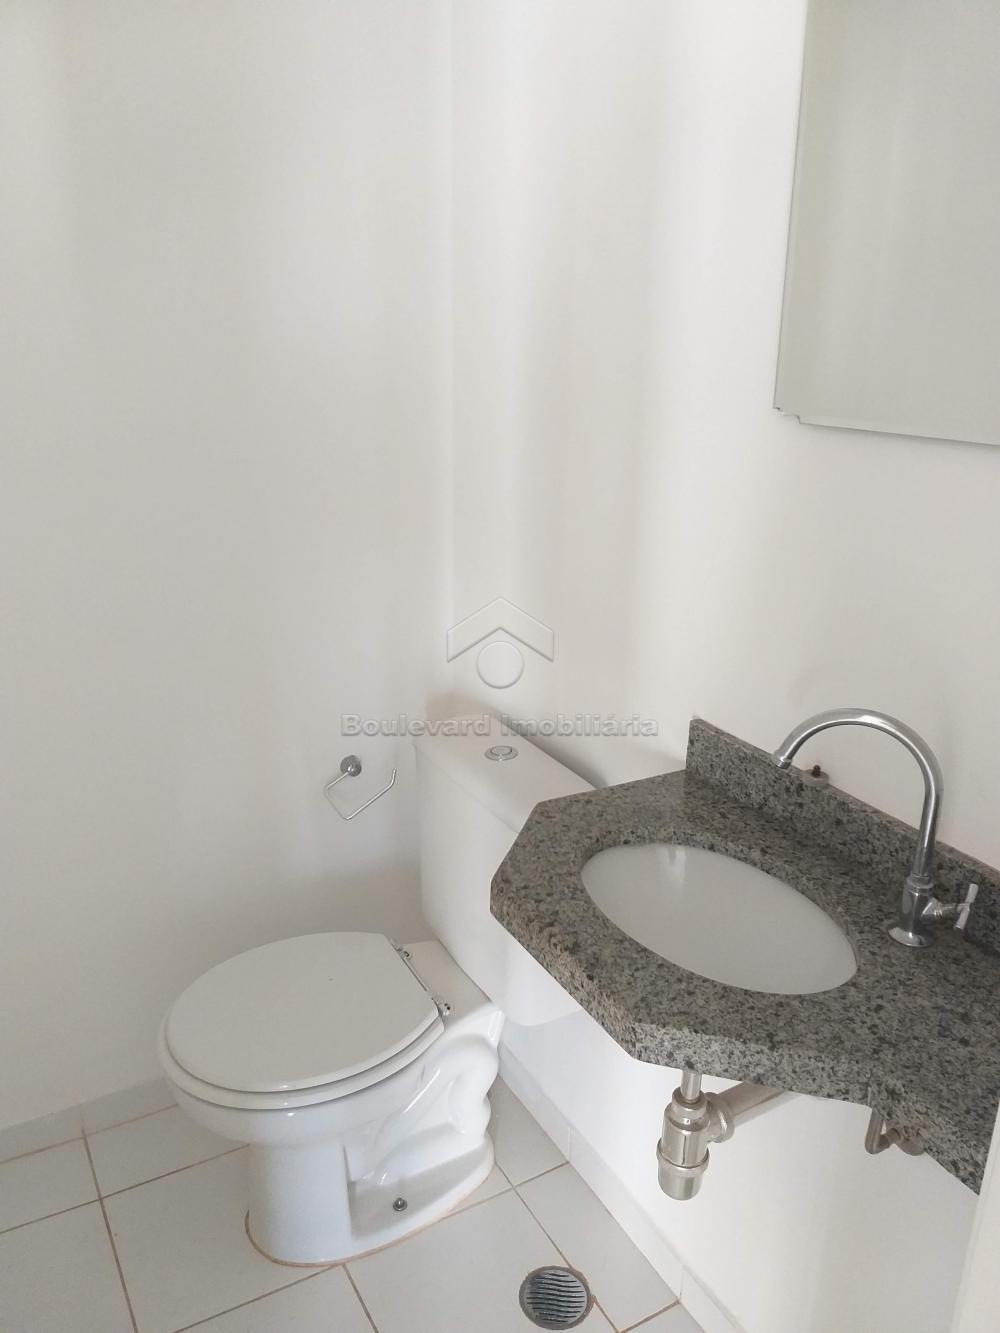 Comprar Apartamento / Padrão em Ribeirão Preto apenas R$ 499.000,00 - Foto 6